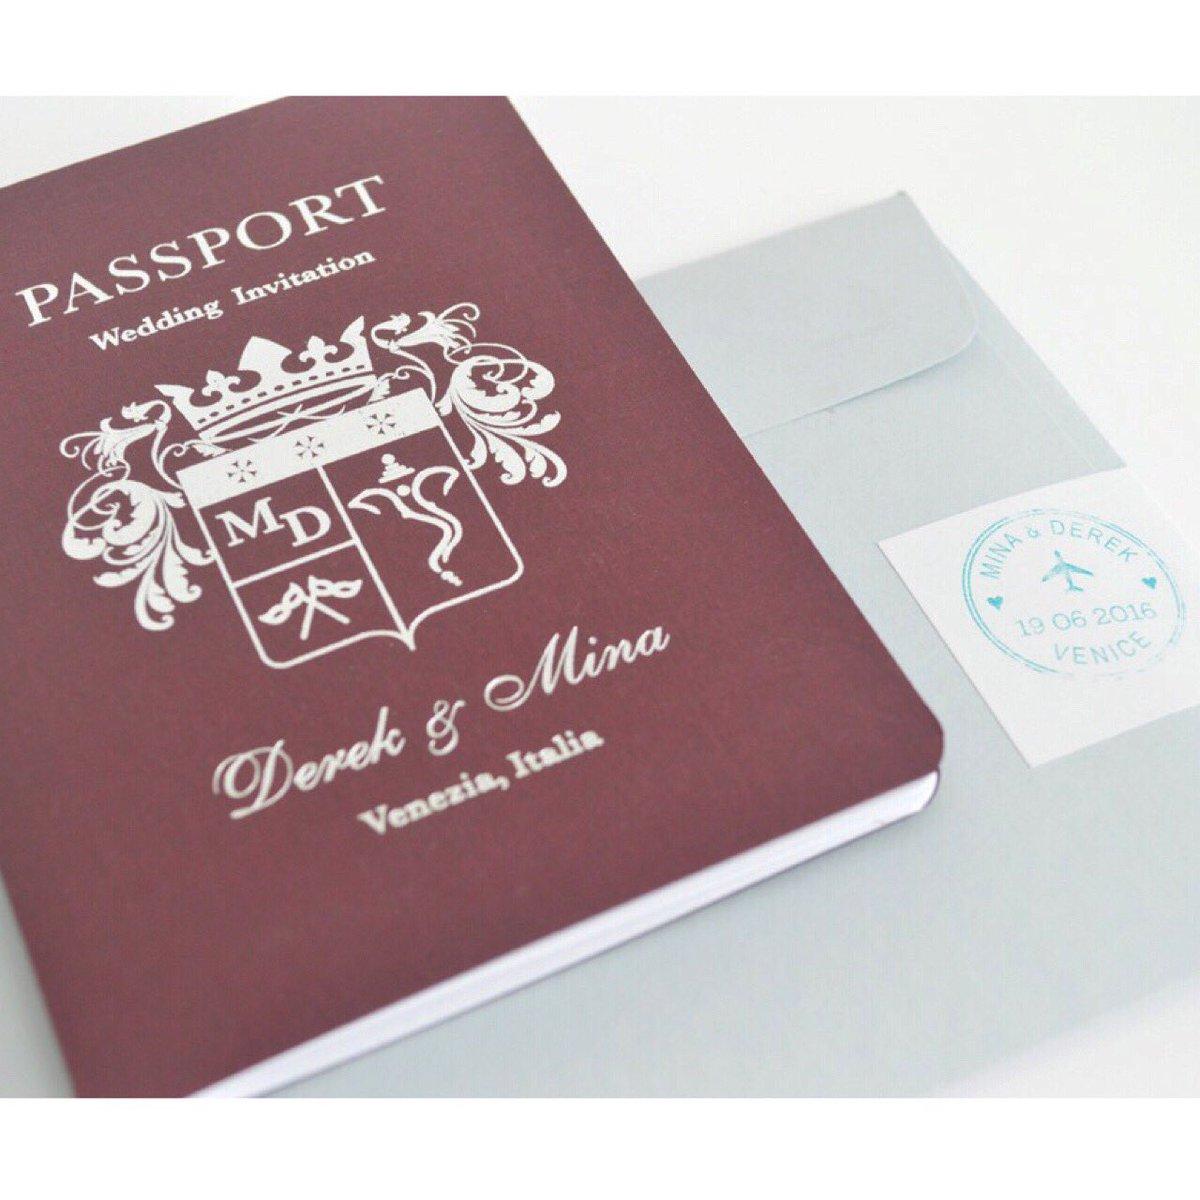 passportinvitation hashtag on Twitter